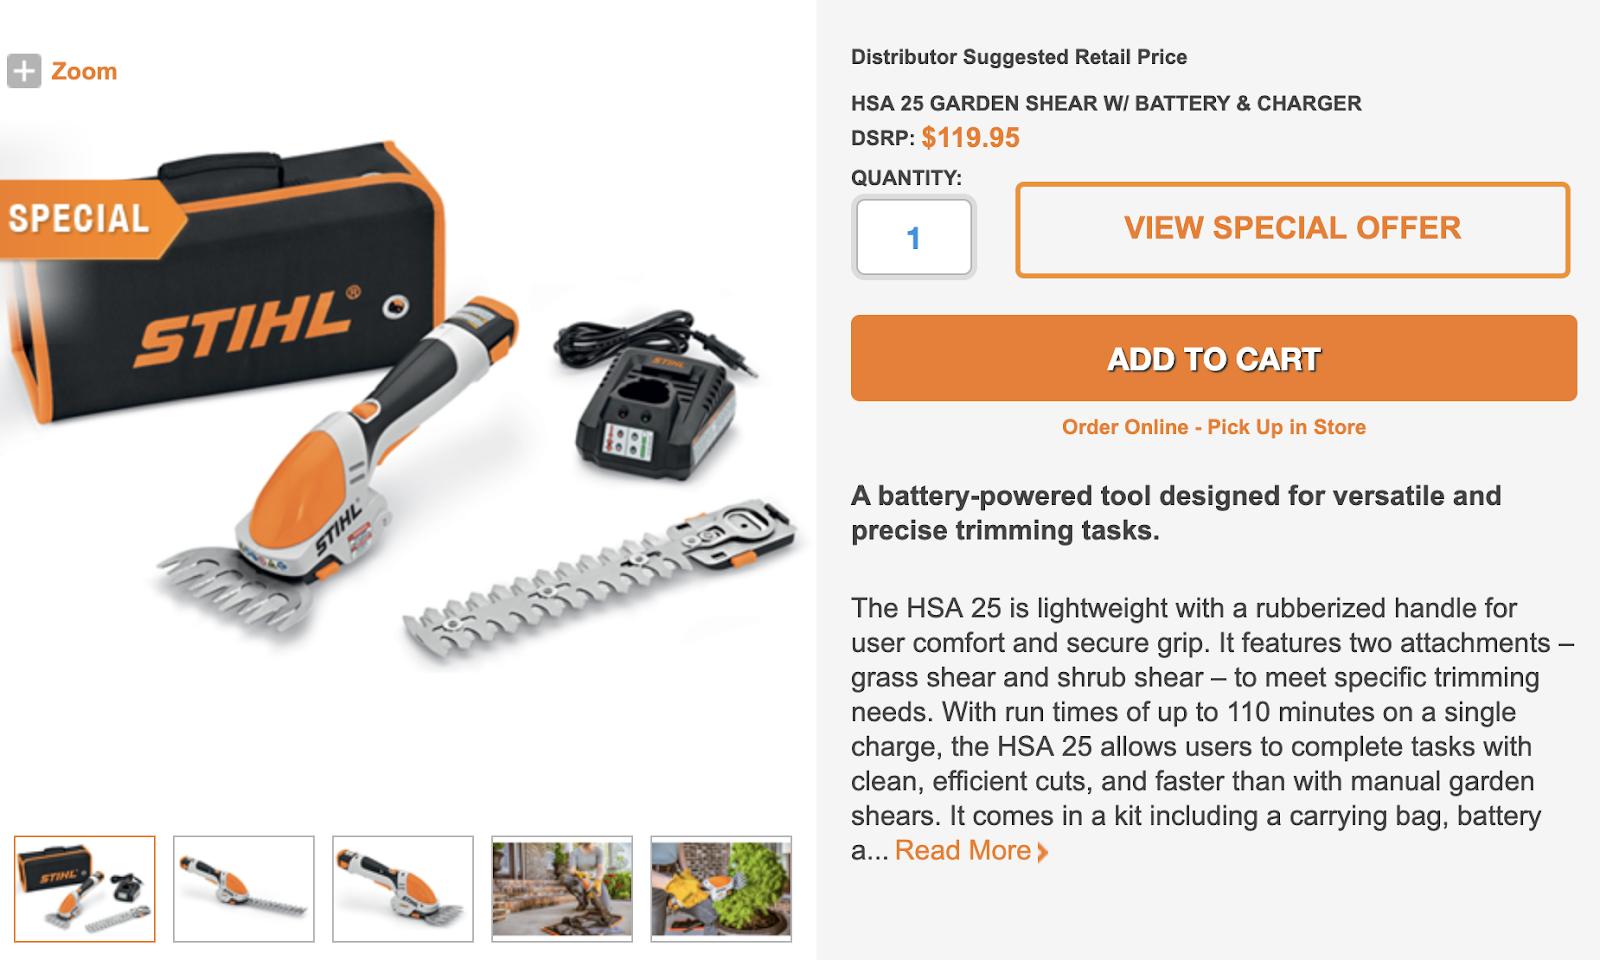 stihl-screenshot-HSA-25-garden-shear